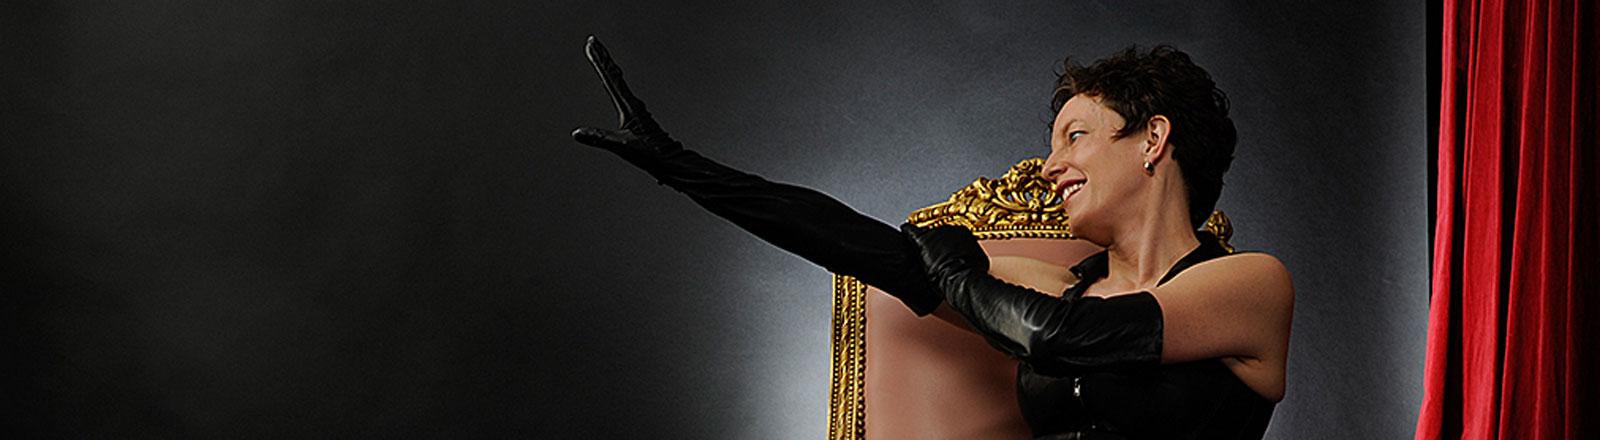 Die Prostituierte Johanna Weber auf einem goldenen Sessel